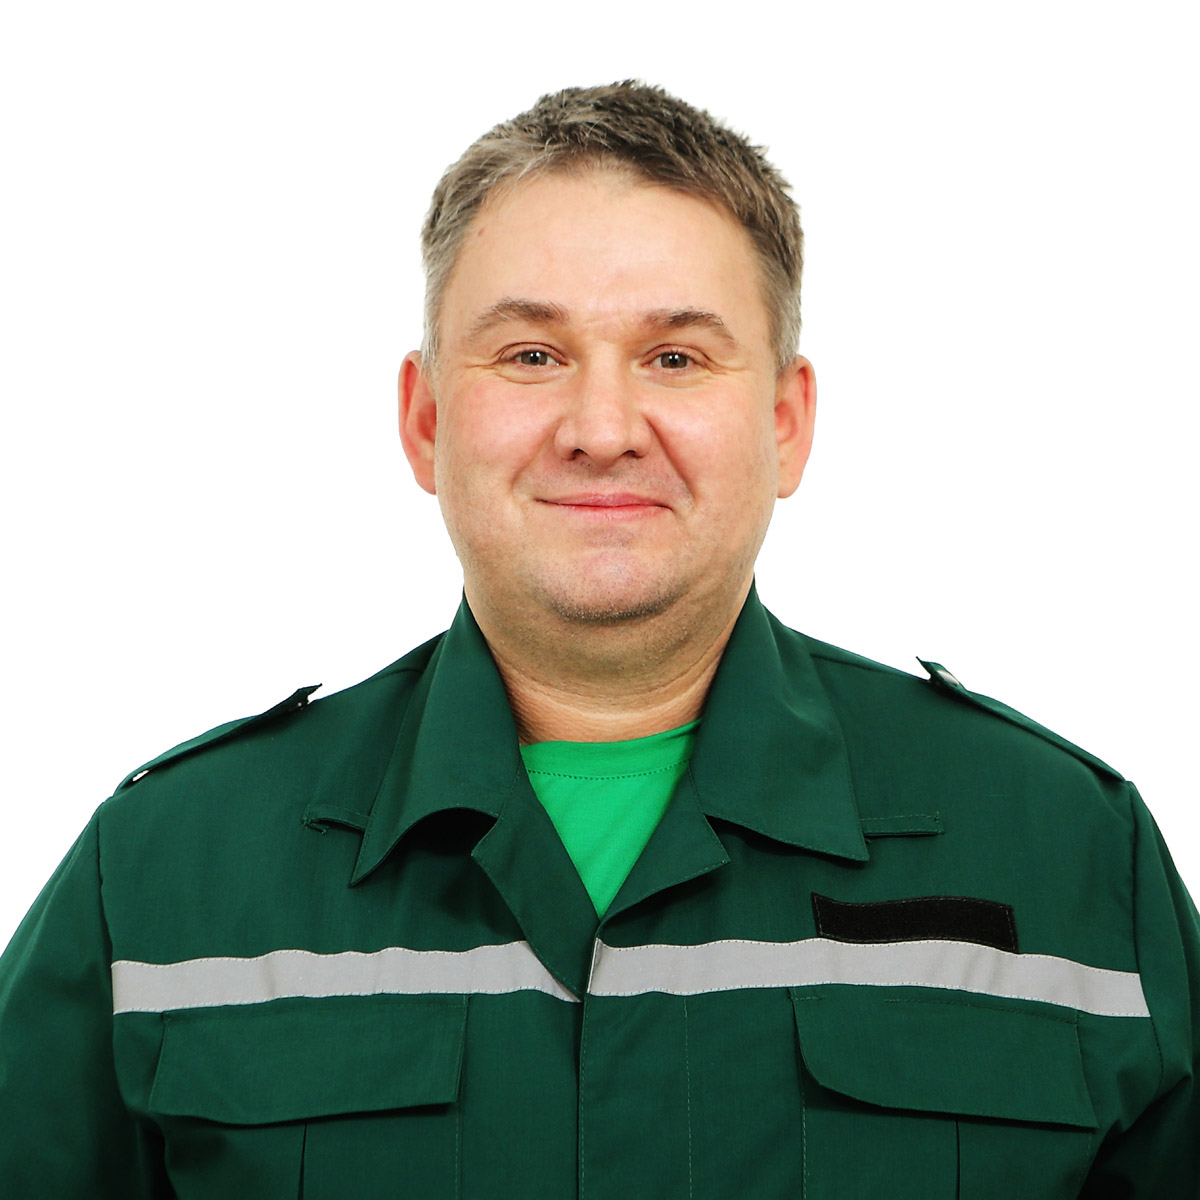 Елизарьев Игорь Вячеславович